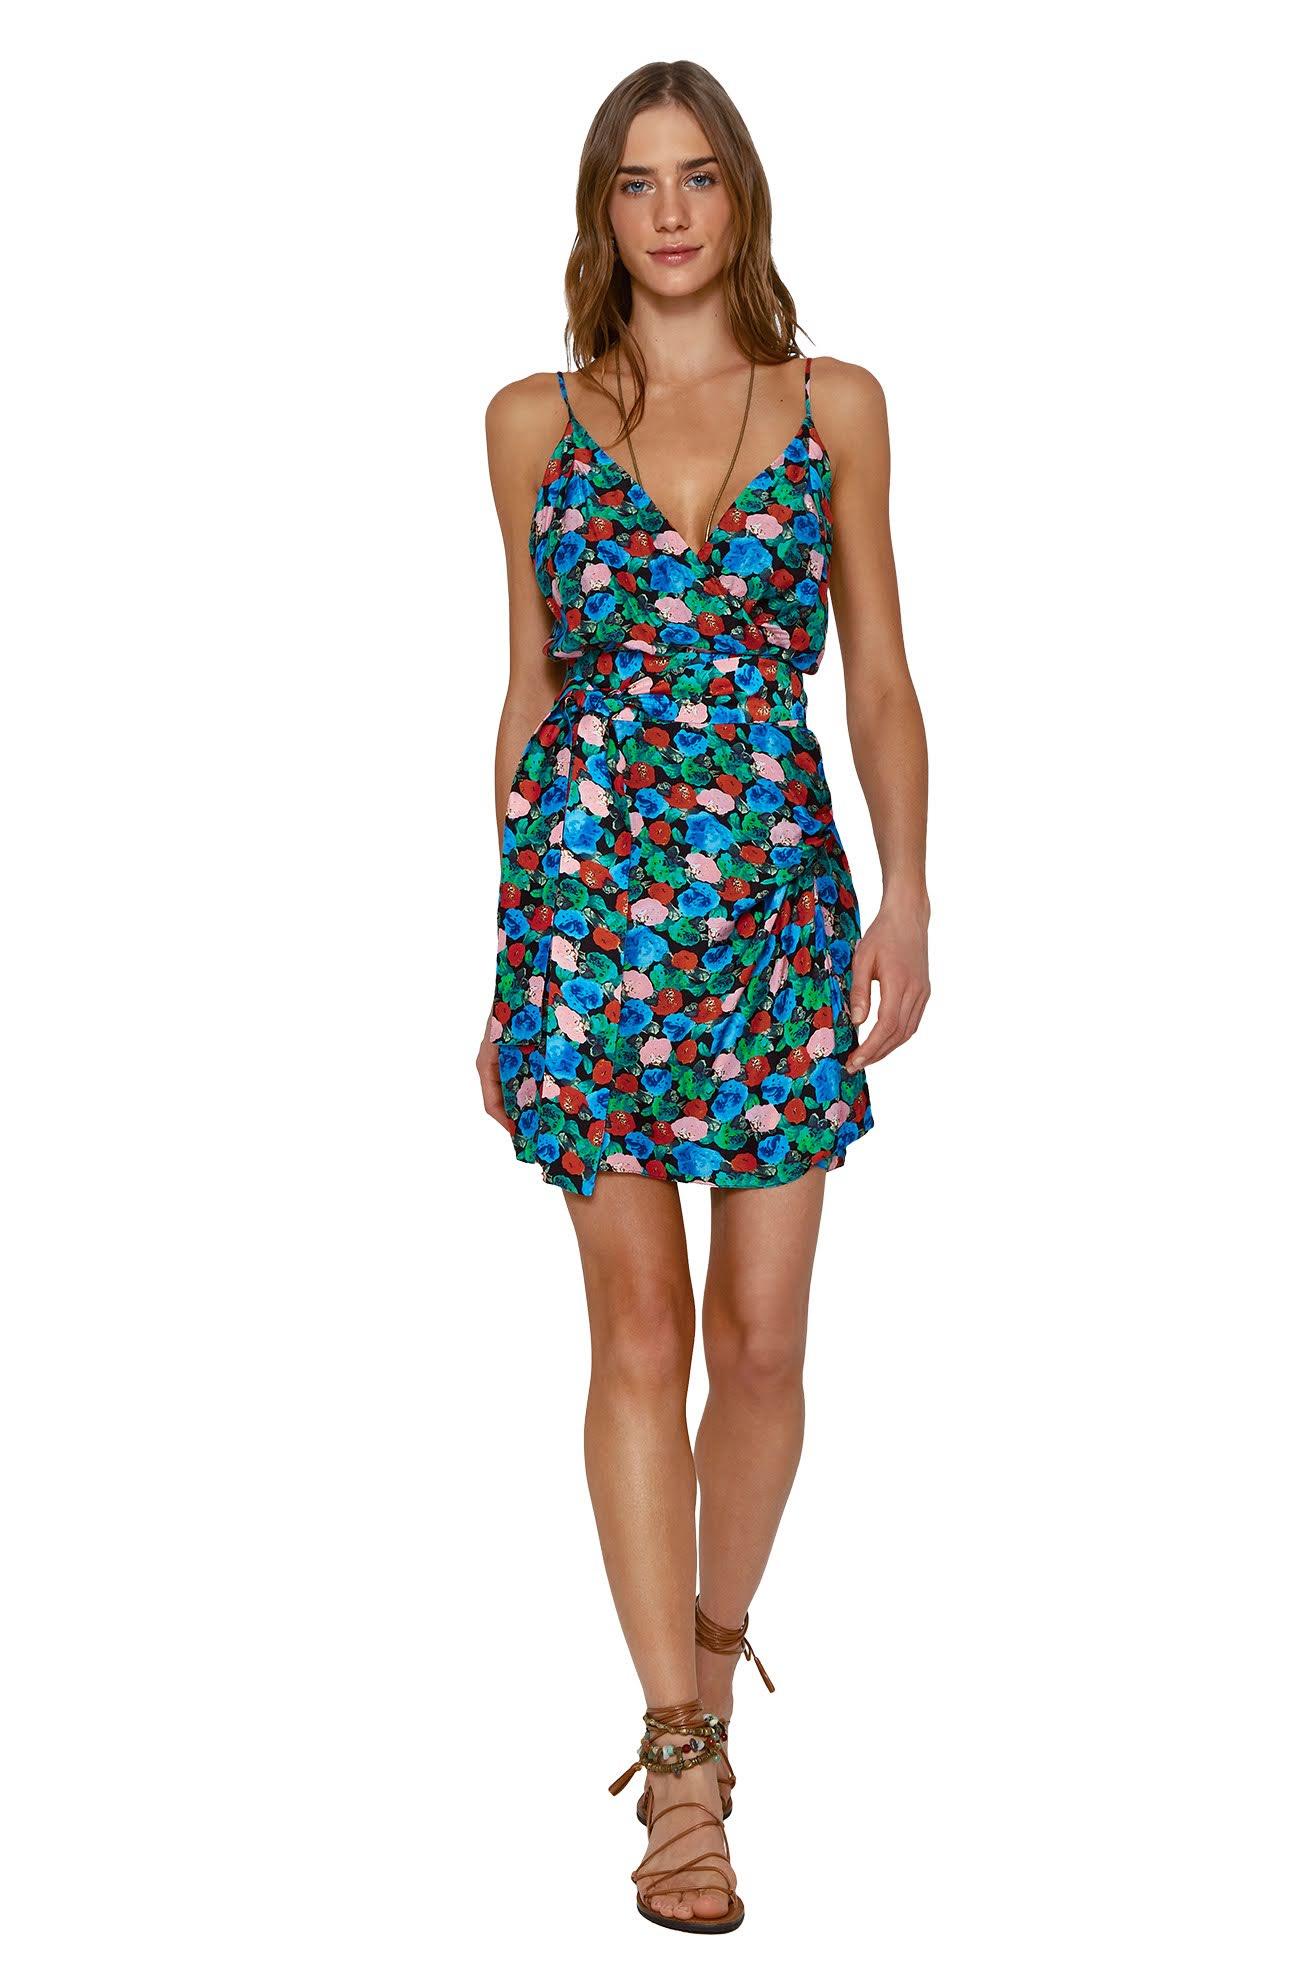 Vestido Bella Lisa Short Dress- Image 1